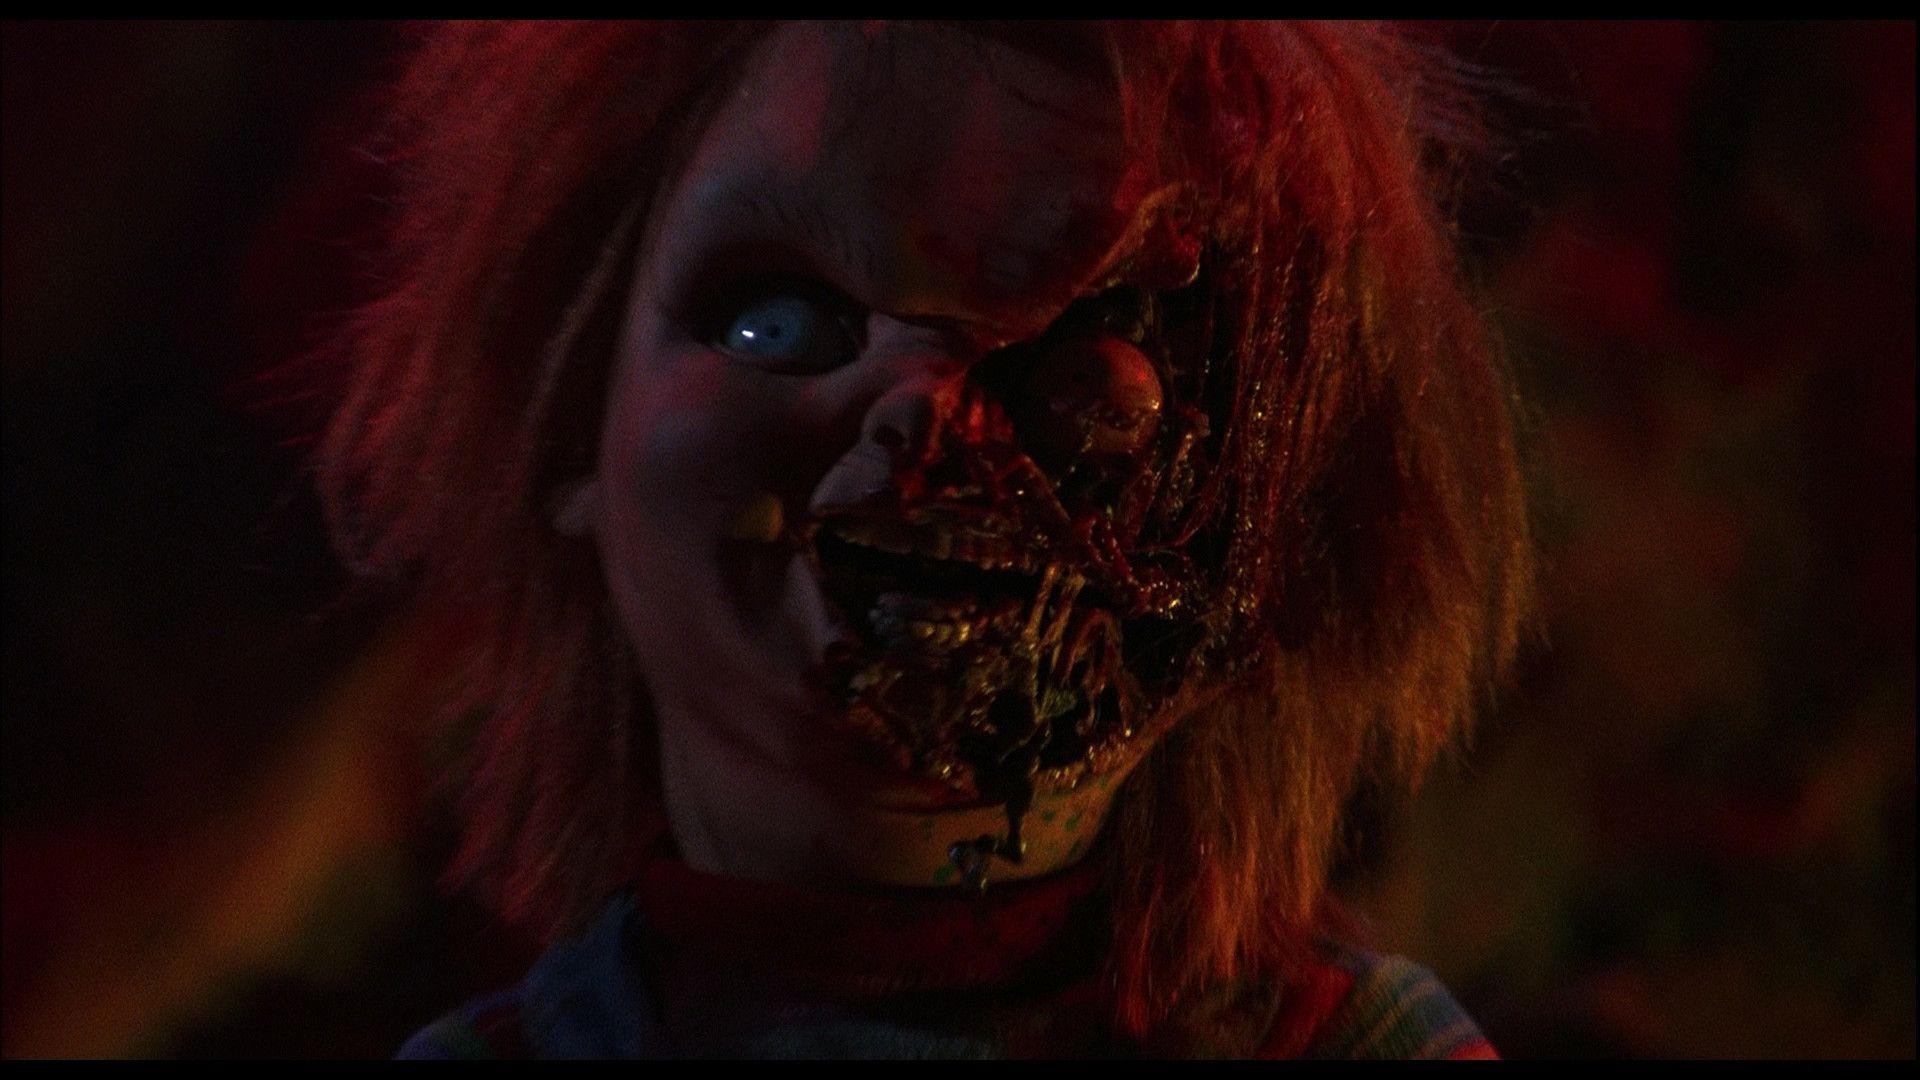 Chucky Wallpaper HD 60